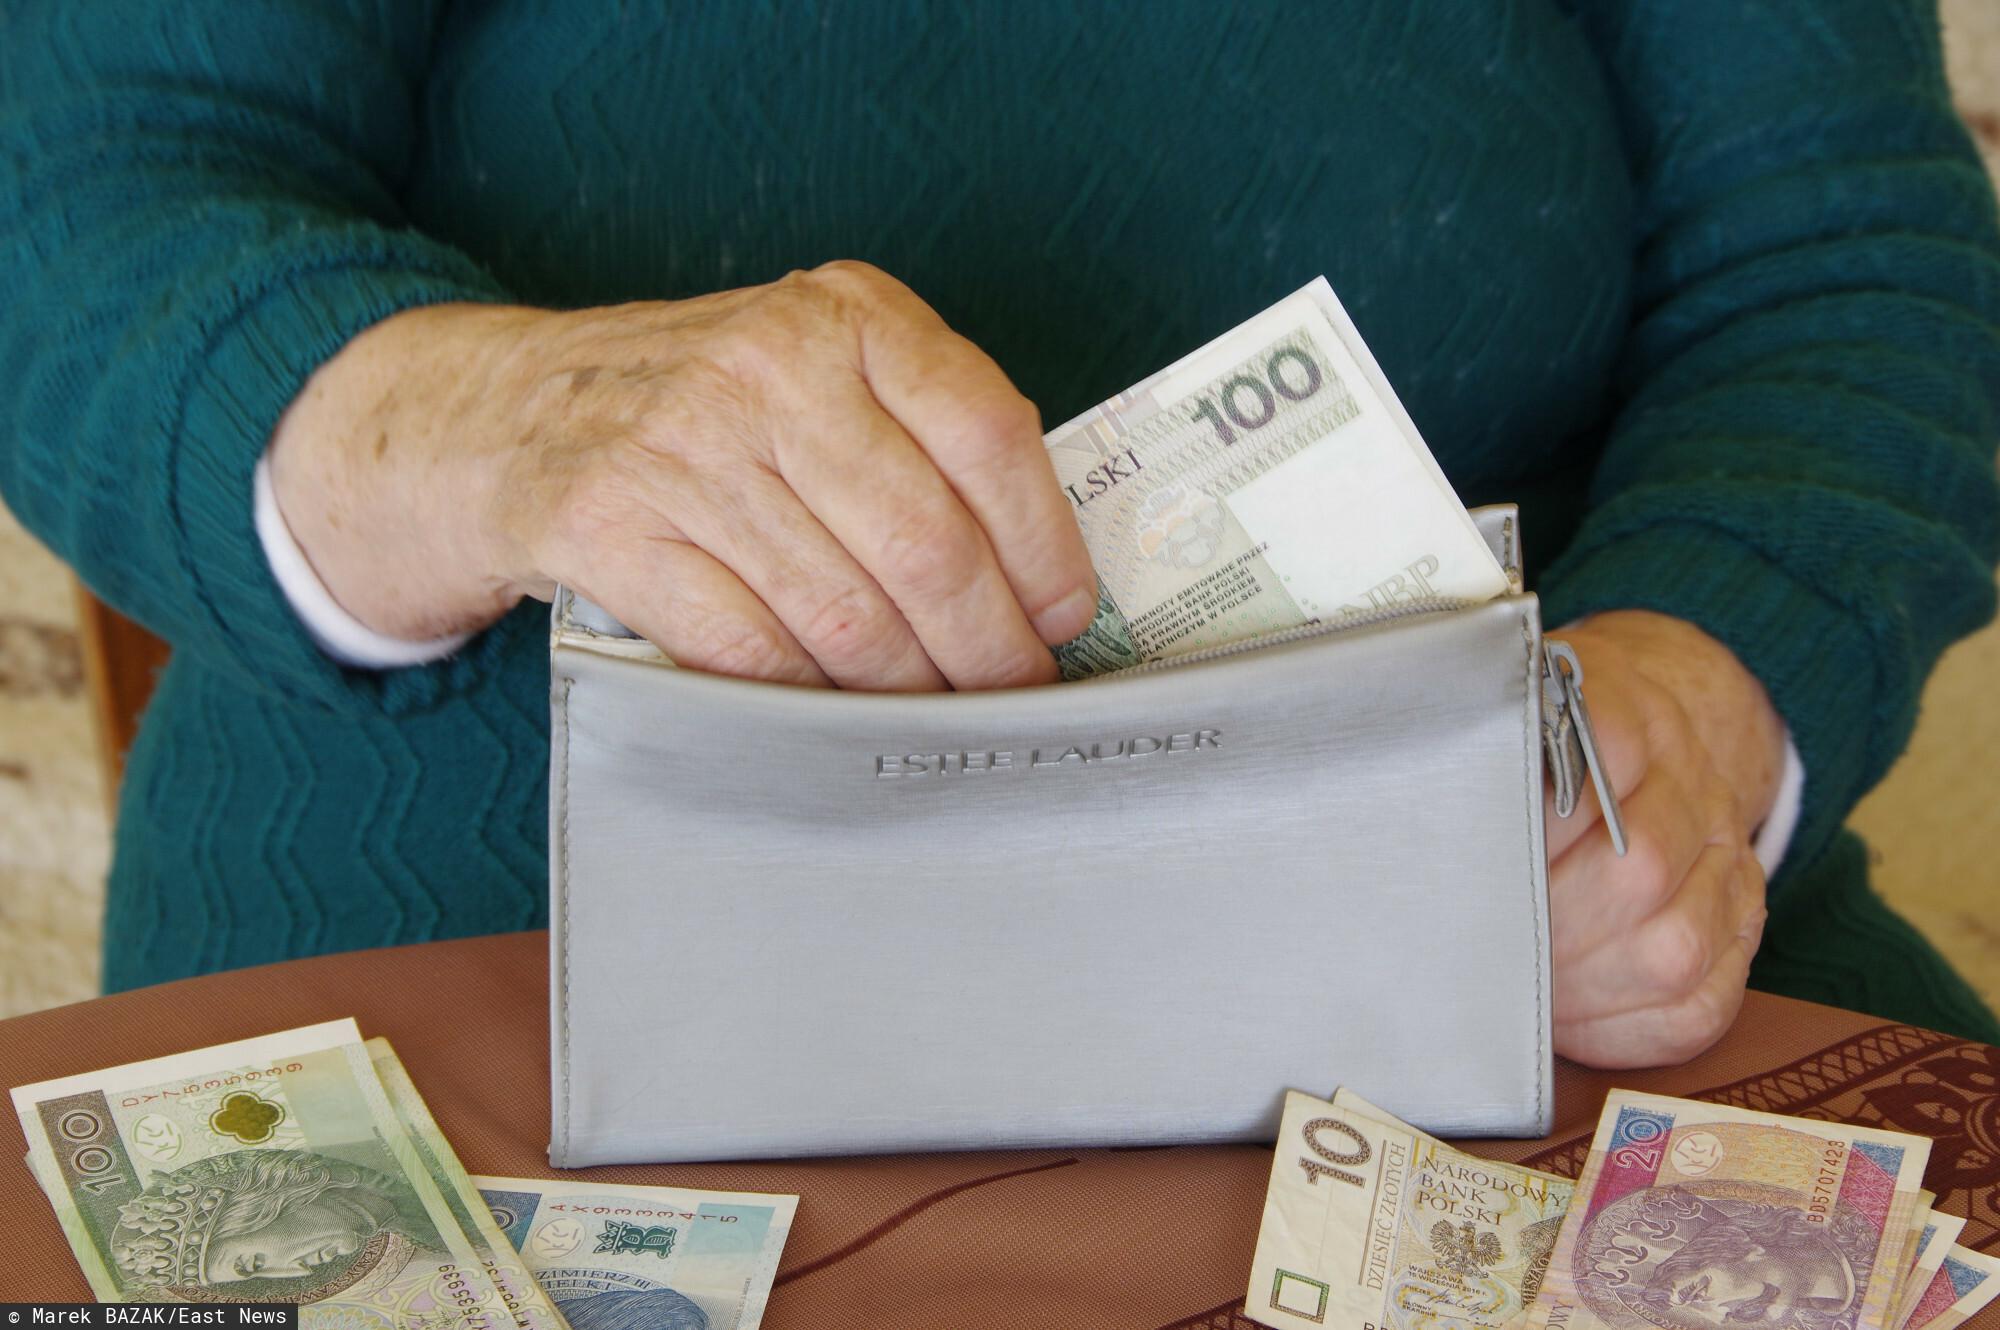 Dodatkową emeryturę pobiera coraz więcej Polaków, jednak jej podstawa prawna jest wątpliwa